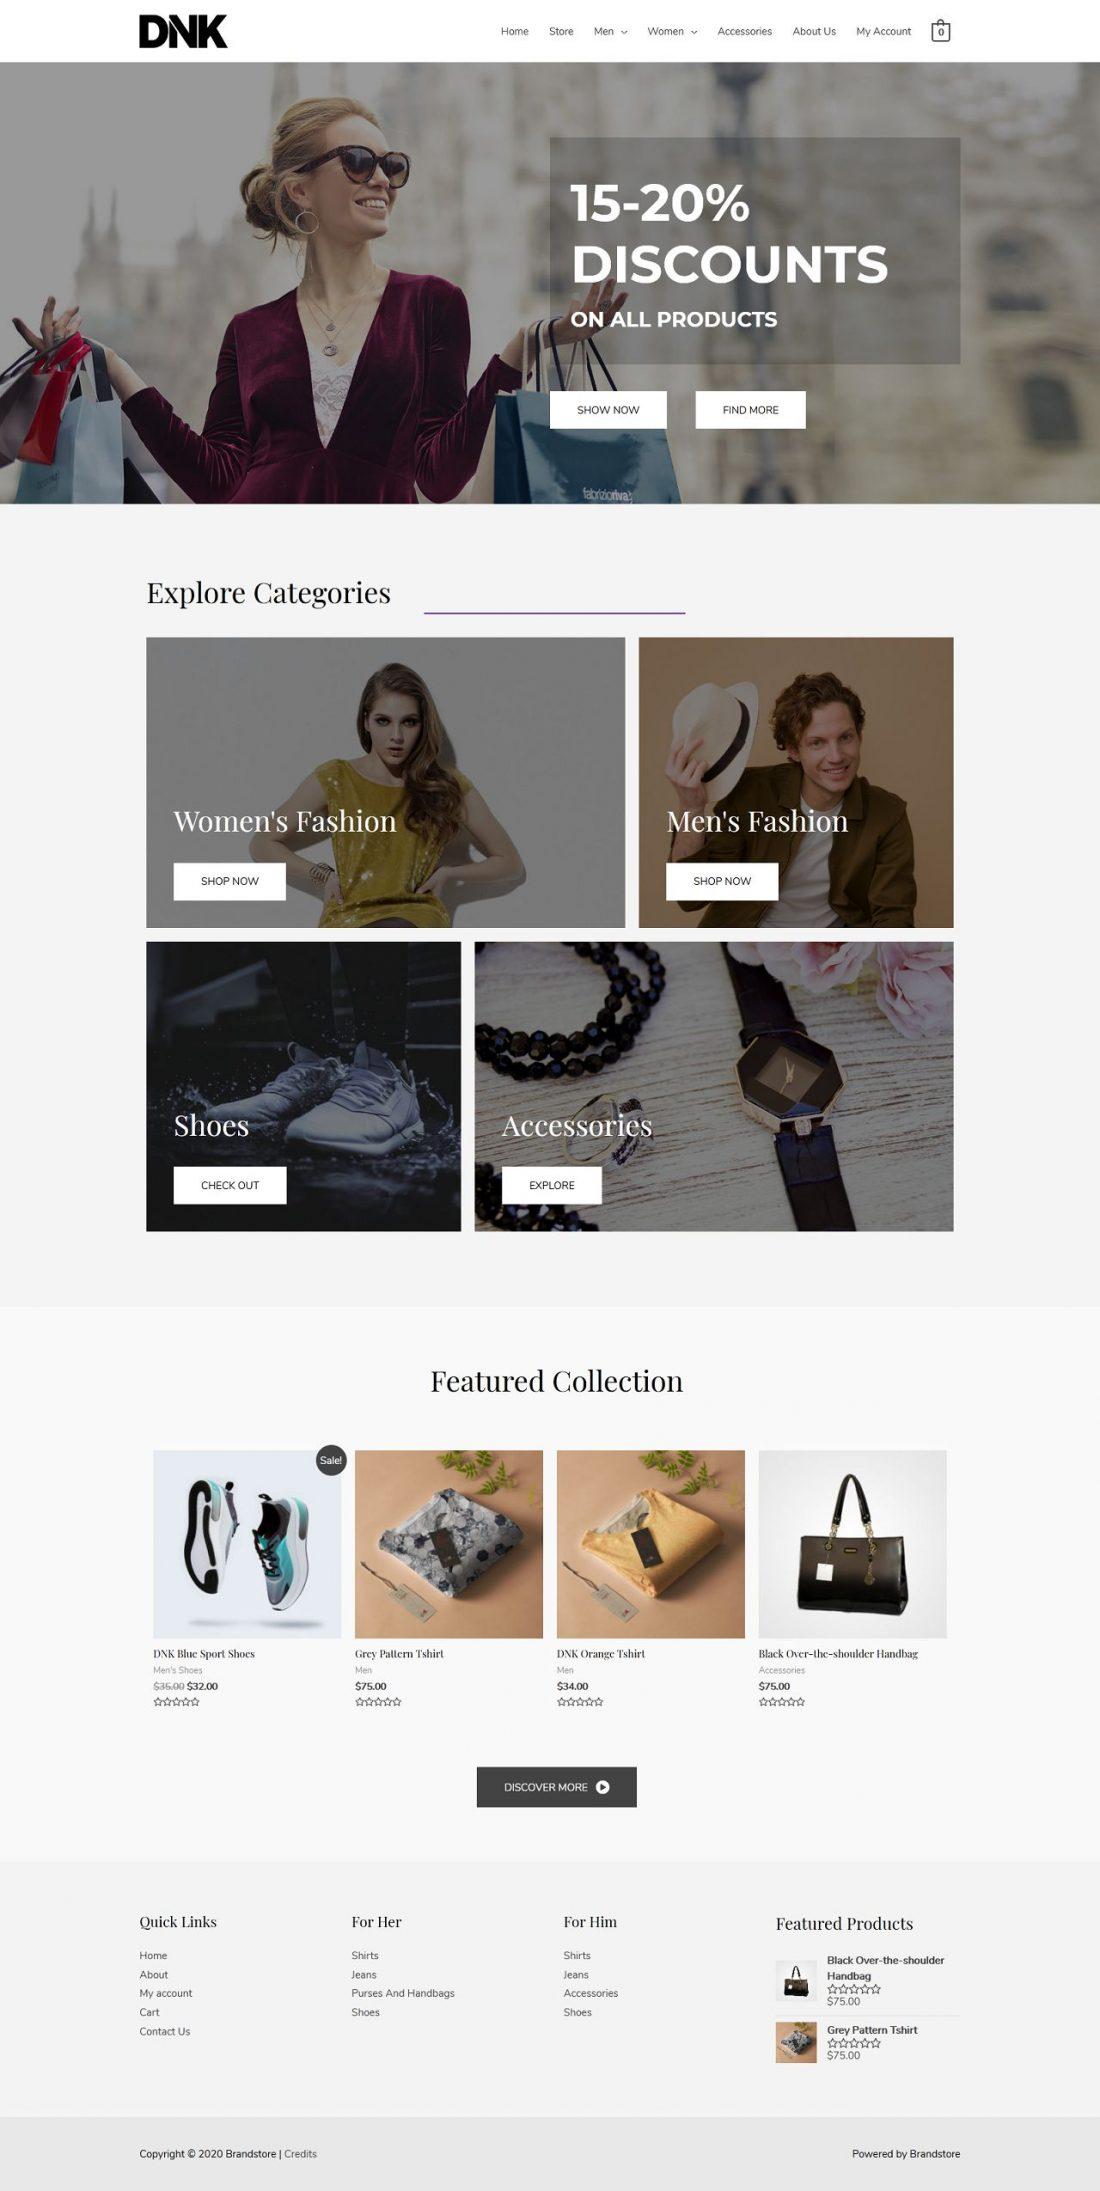 Fagowi.com Website Design Templates For eCom Brand S Online Shop - Home Page Image